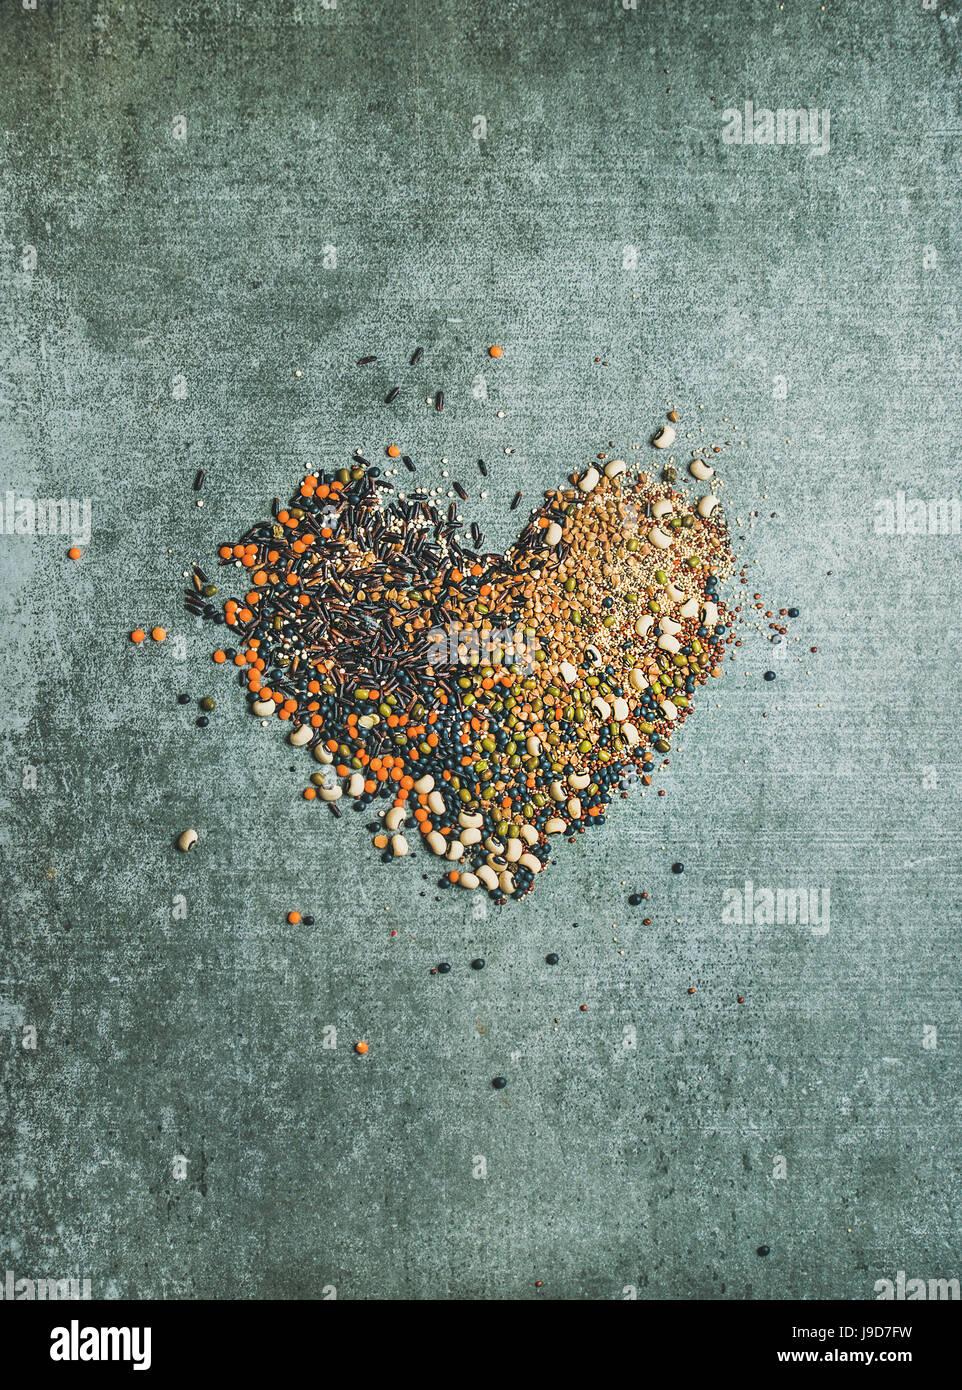 Varietà di cereali grezzi, fagioli, cereali in forma di cuore Immagini Stock